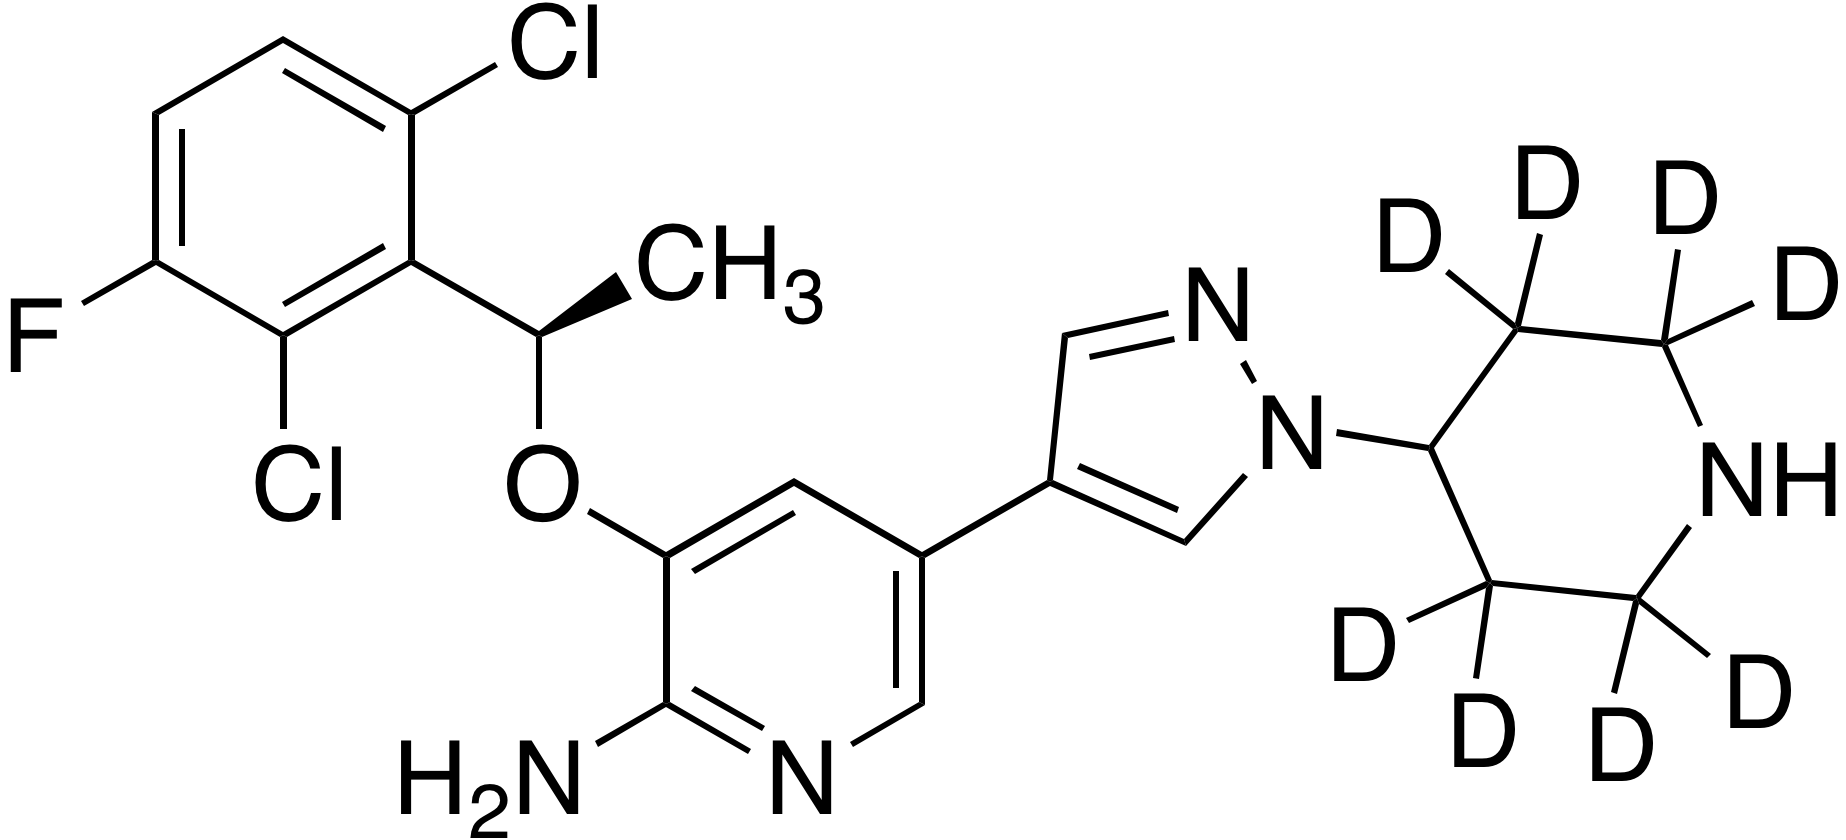 (R)-Crizotinib-d<sub>8</sub> (piperidine-2,2,3,3,5,5,6,6-d<sub>8</sub>)